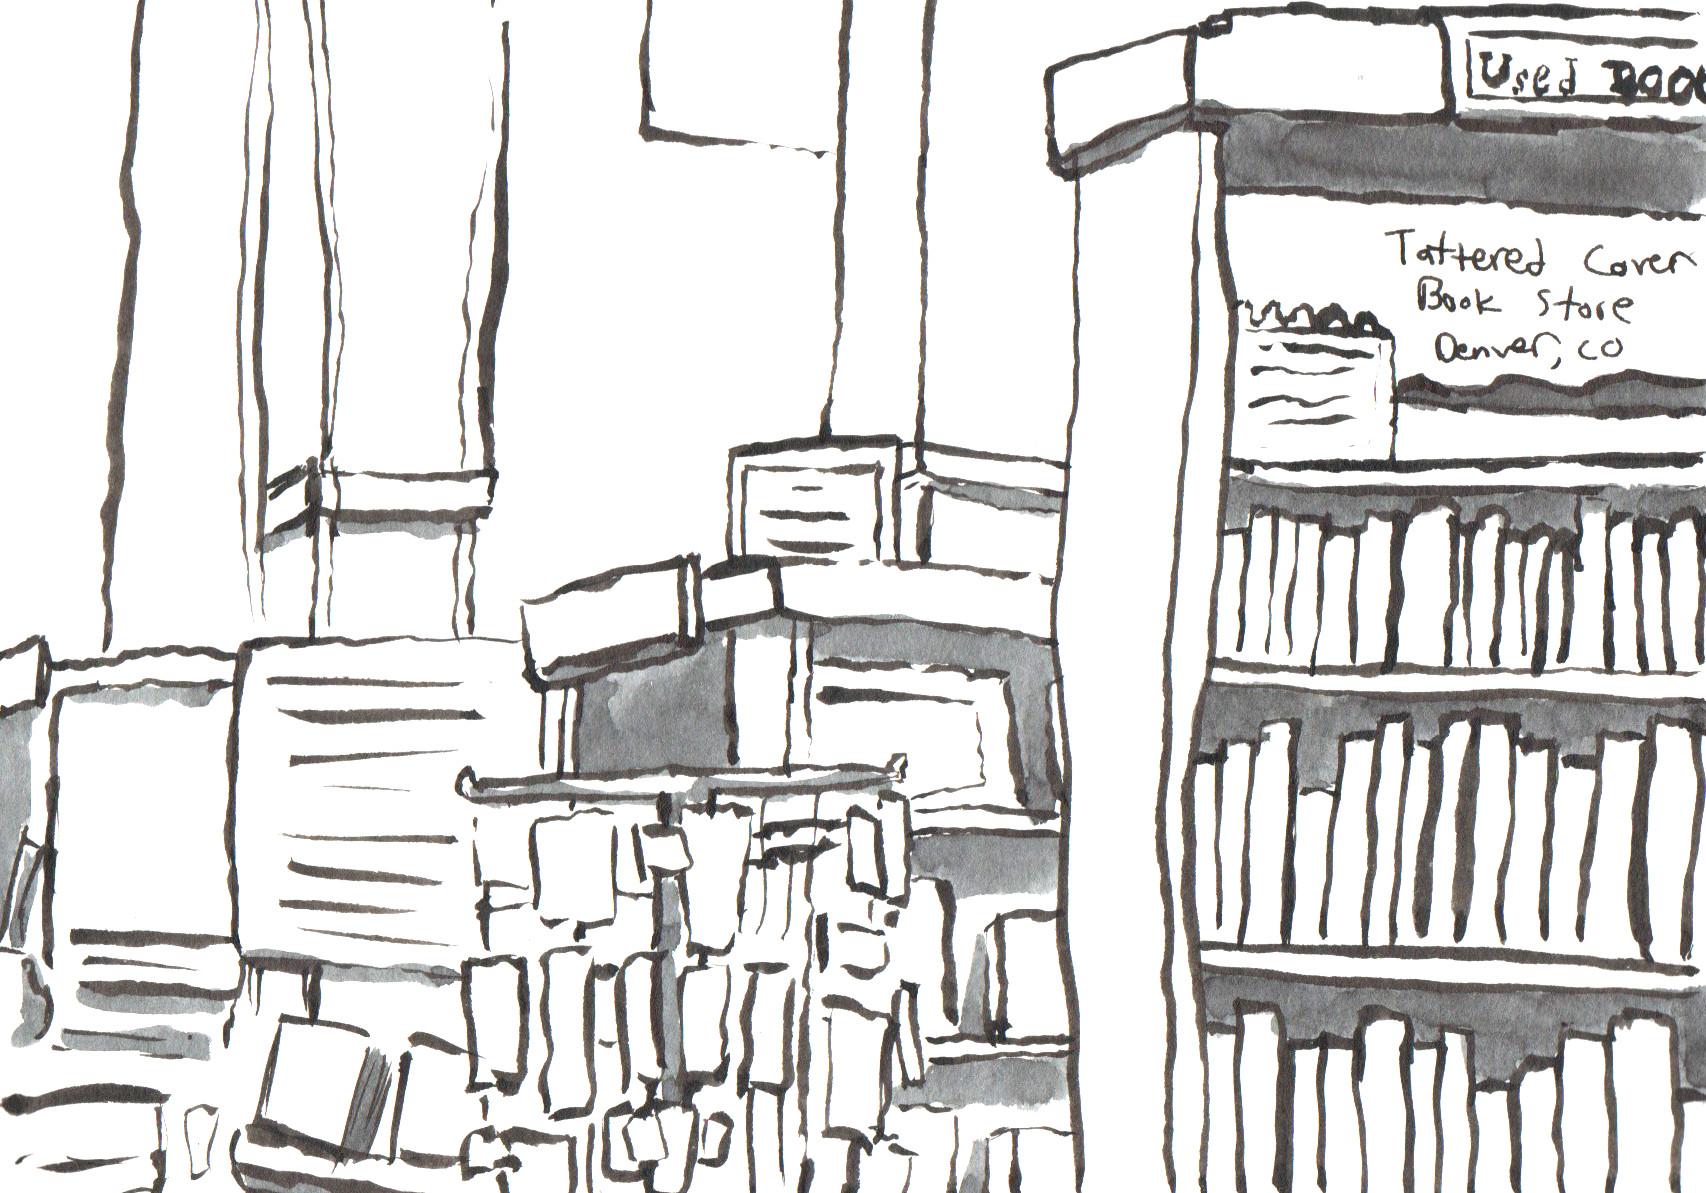 Mmmm books...